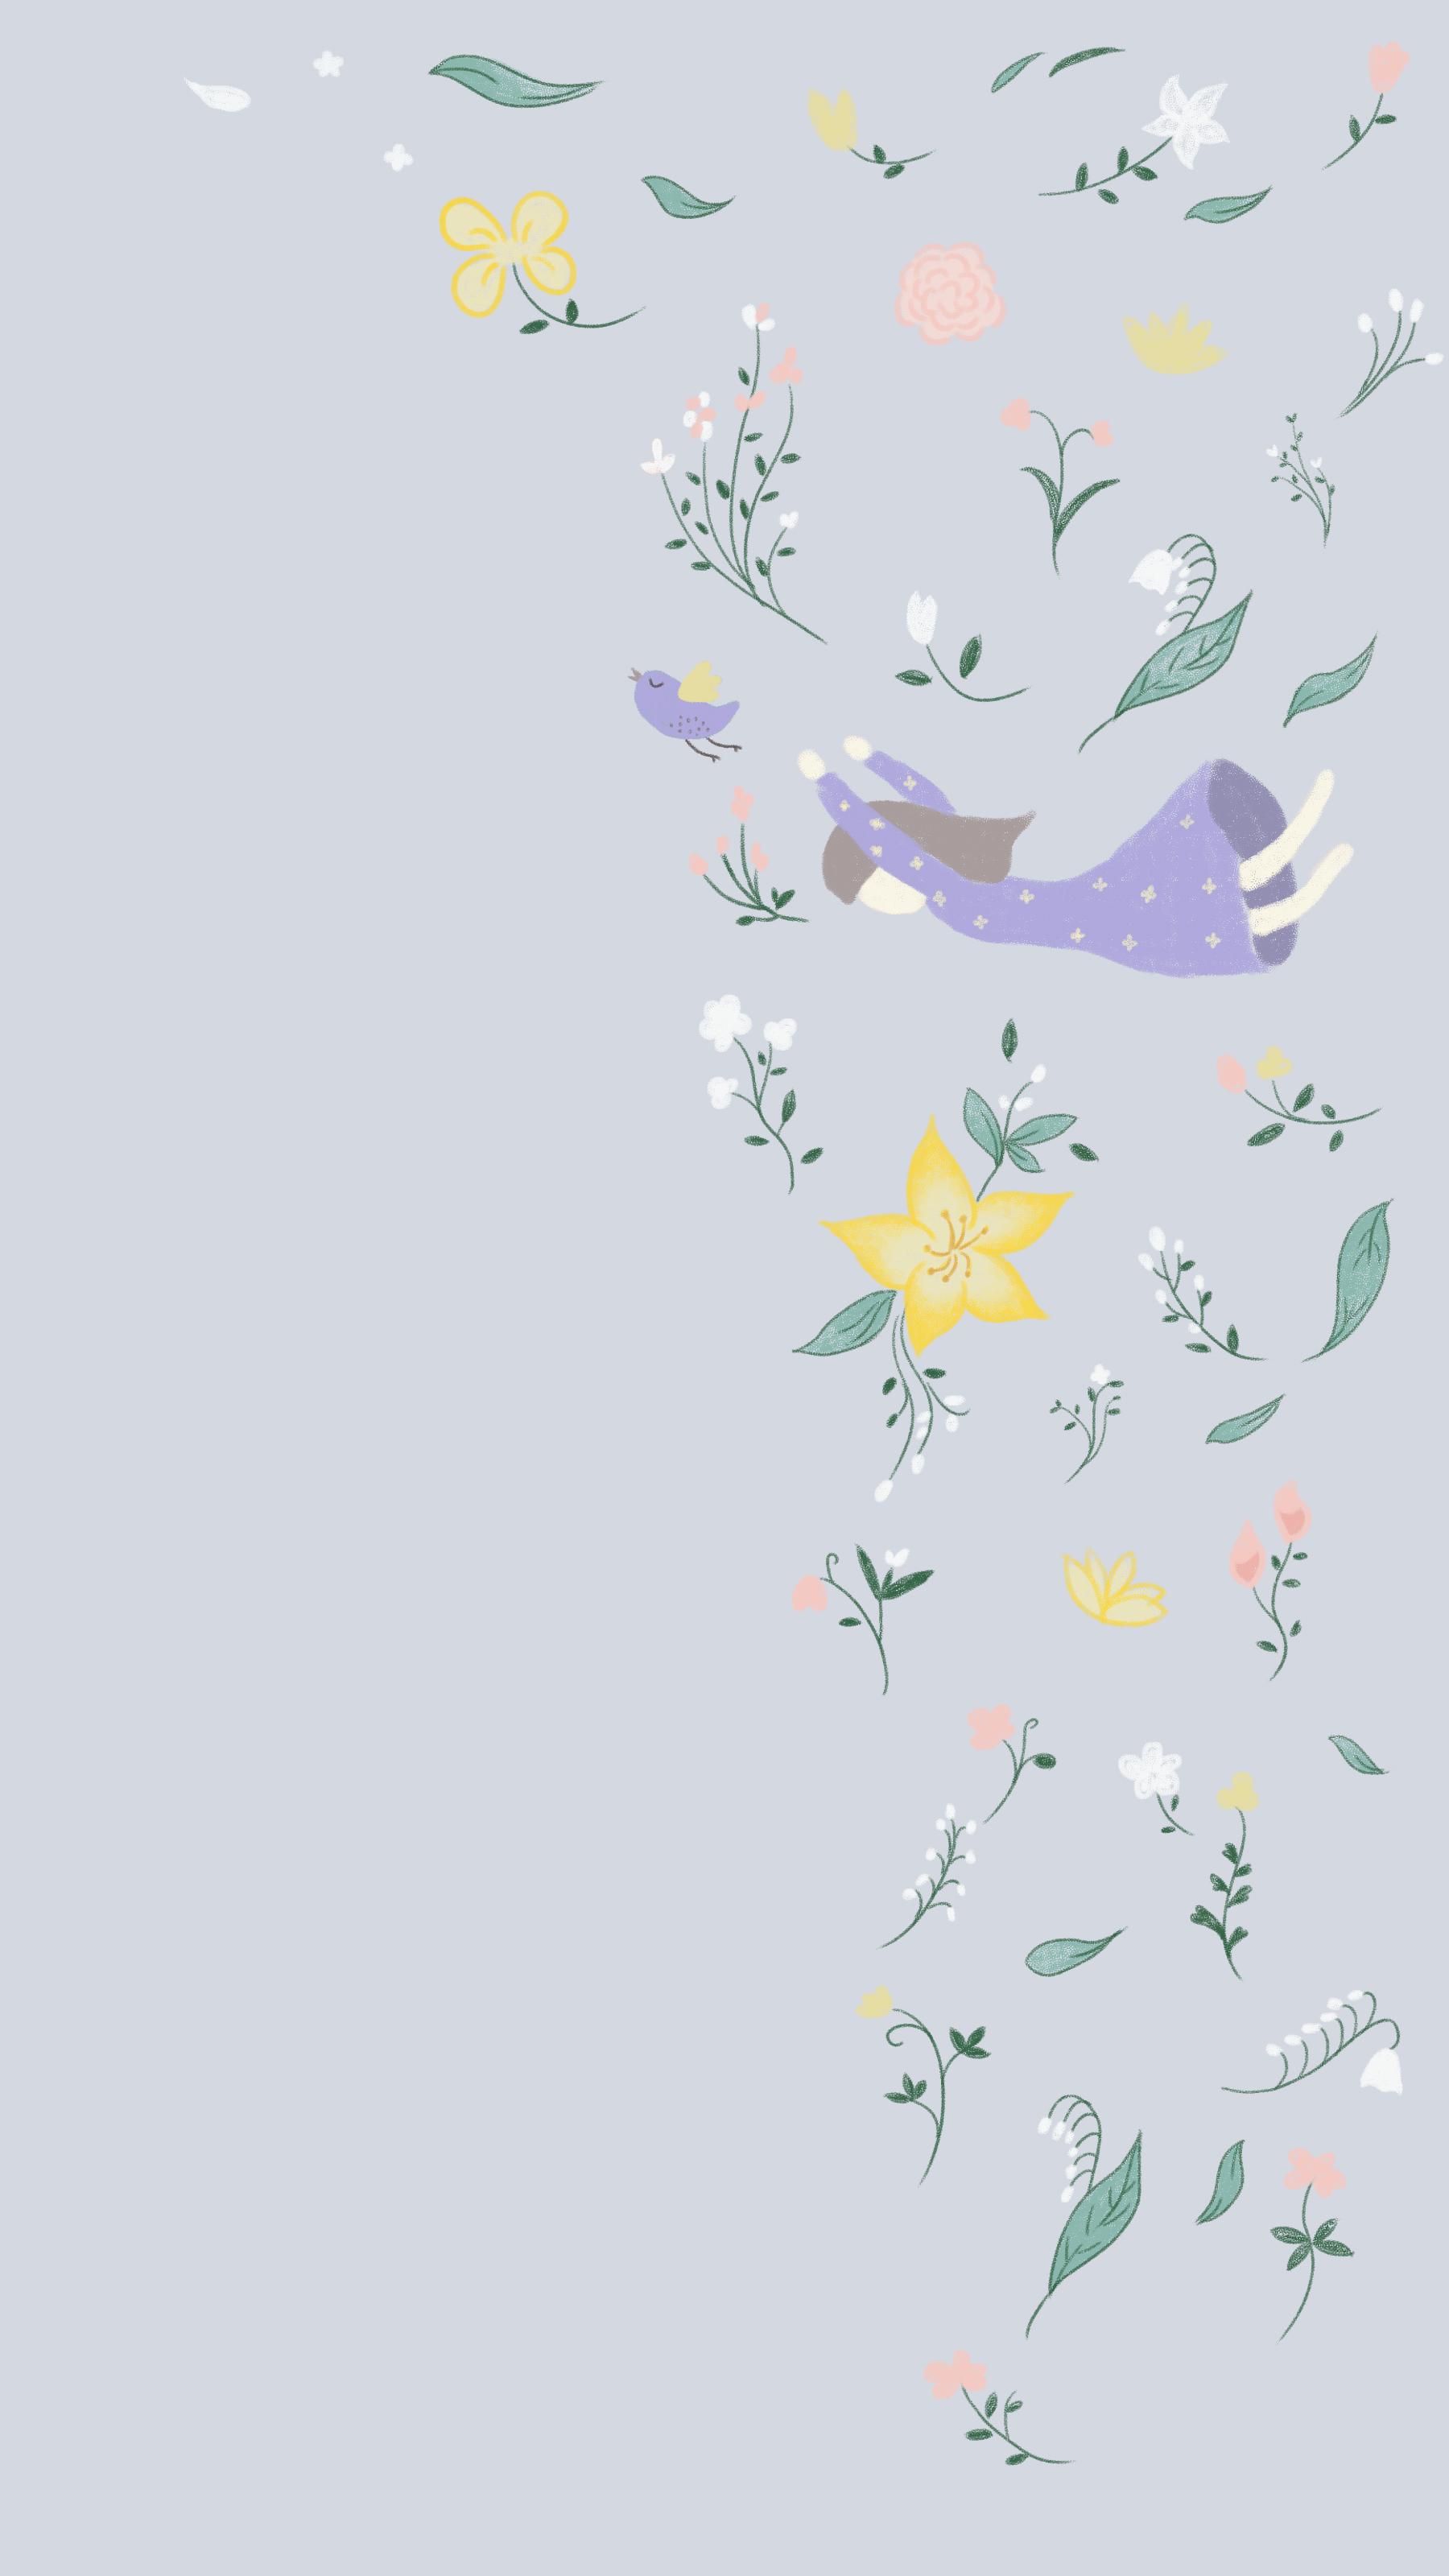 手绘壁纸-编织美梦系列-少女风